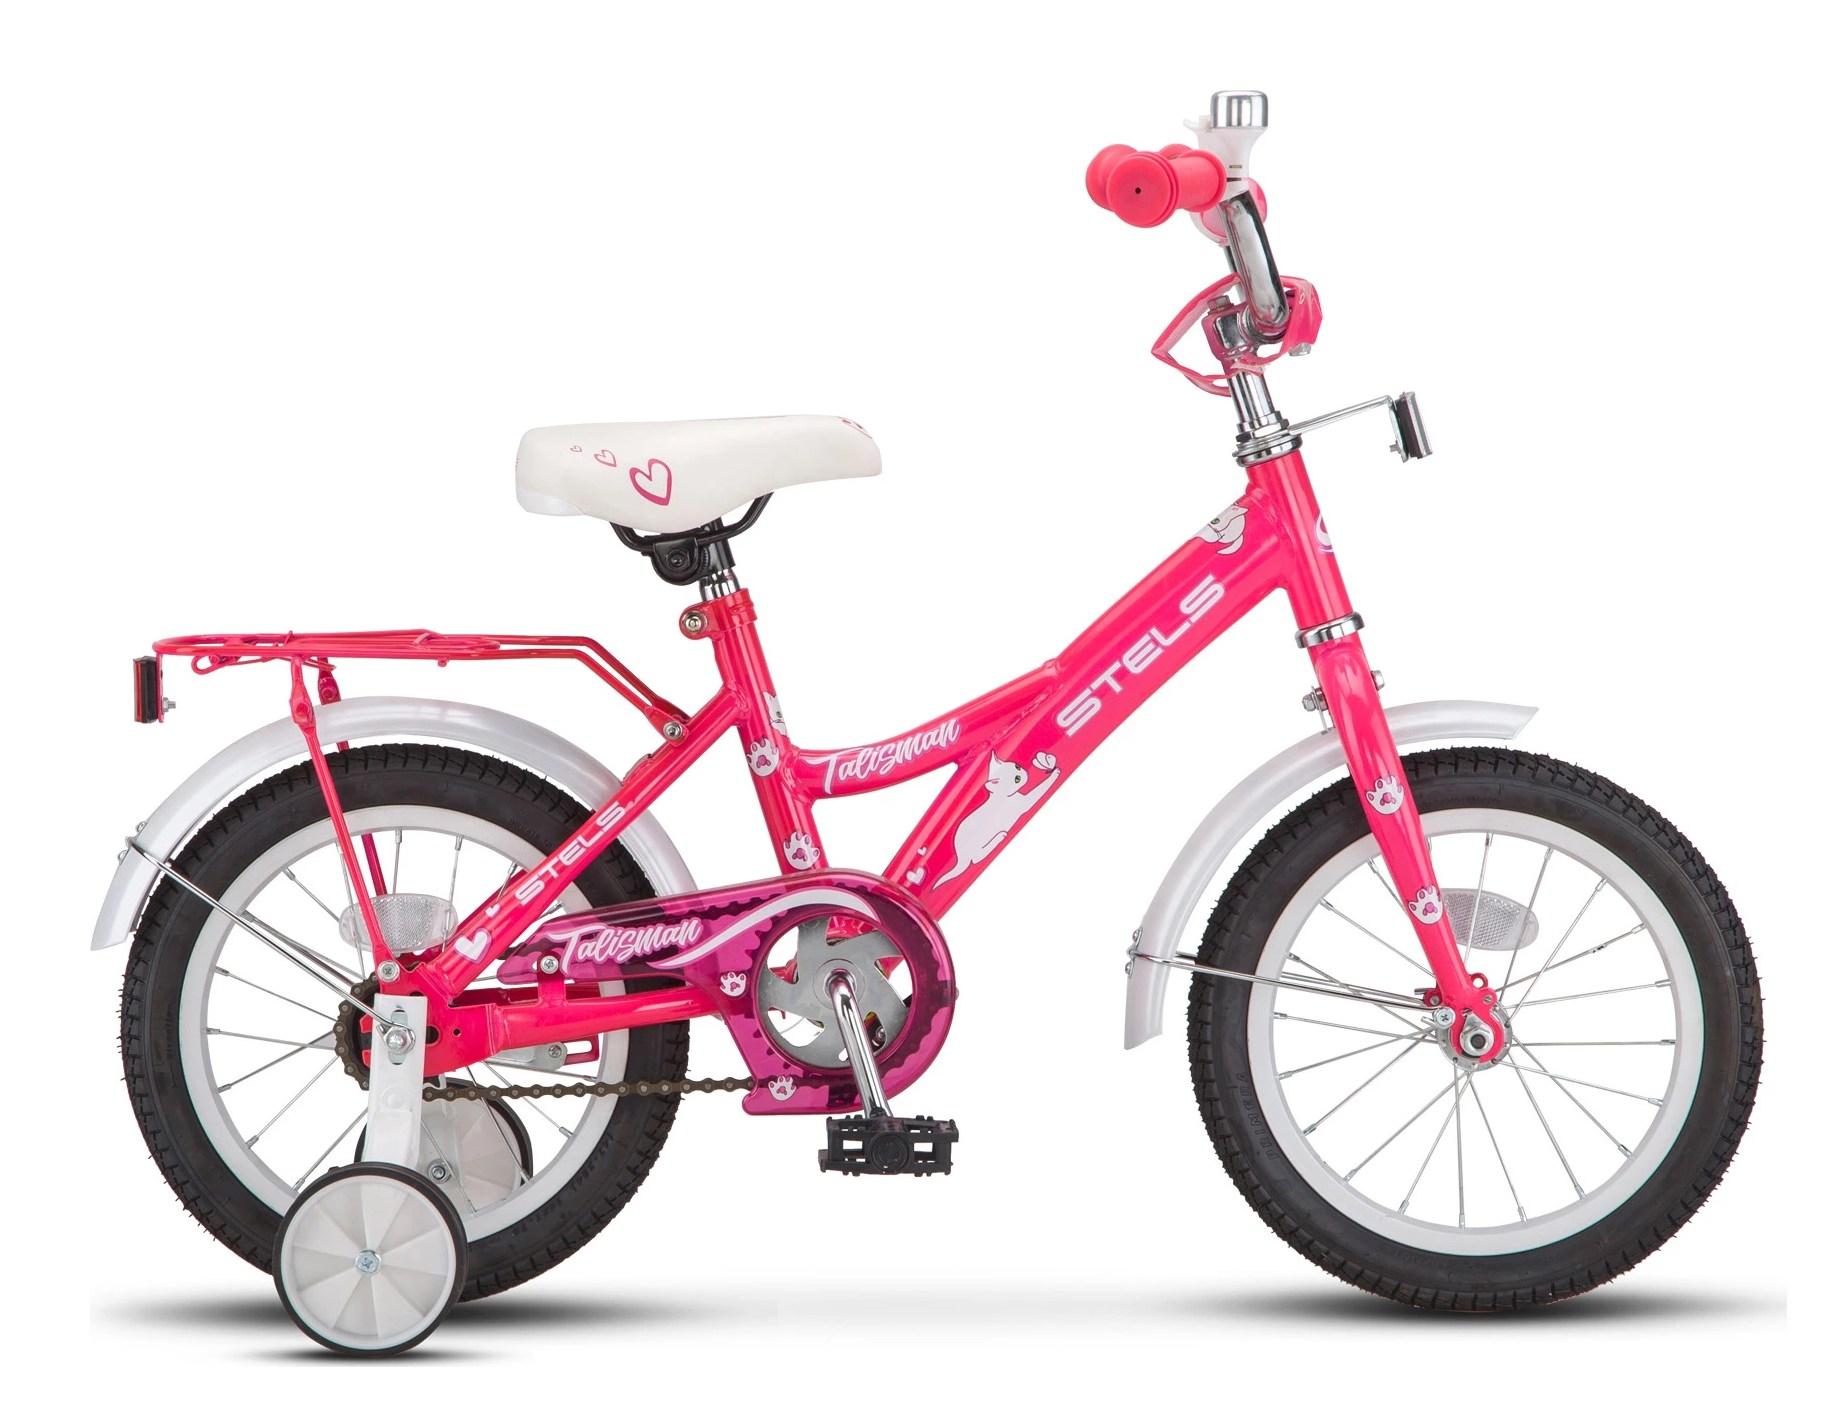 Купить Недорогой Детский Велосипед В Интернет Магазине